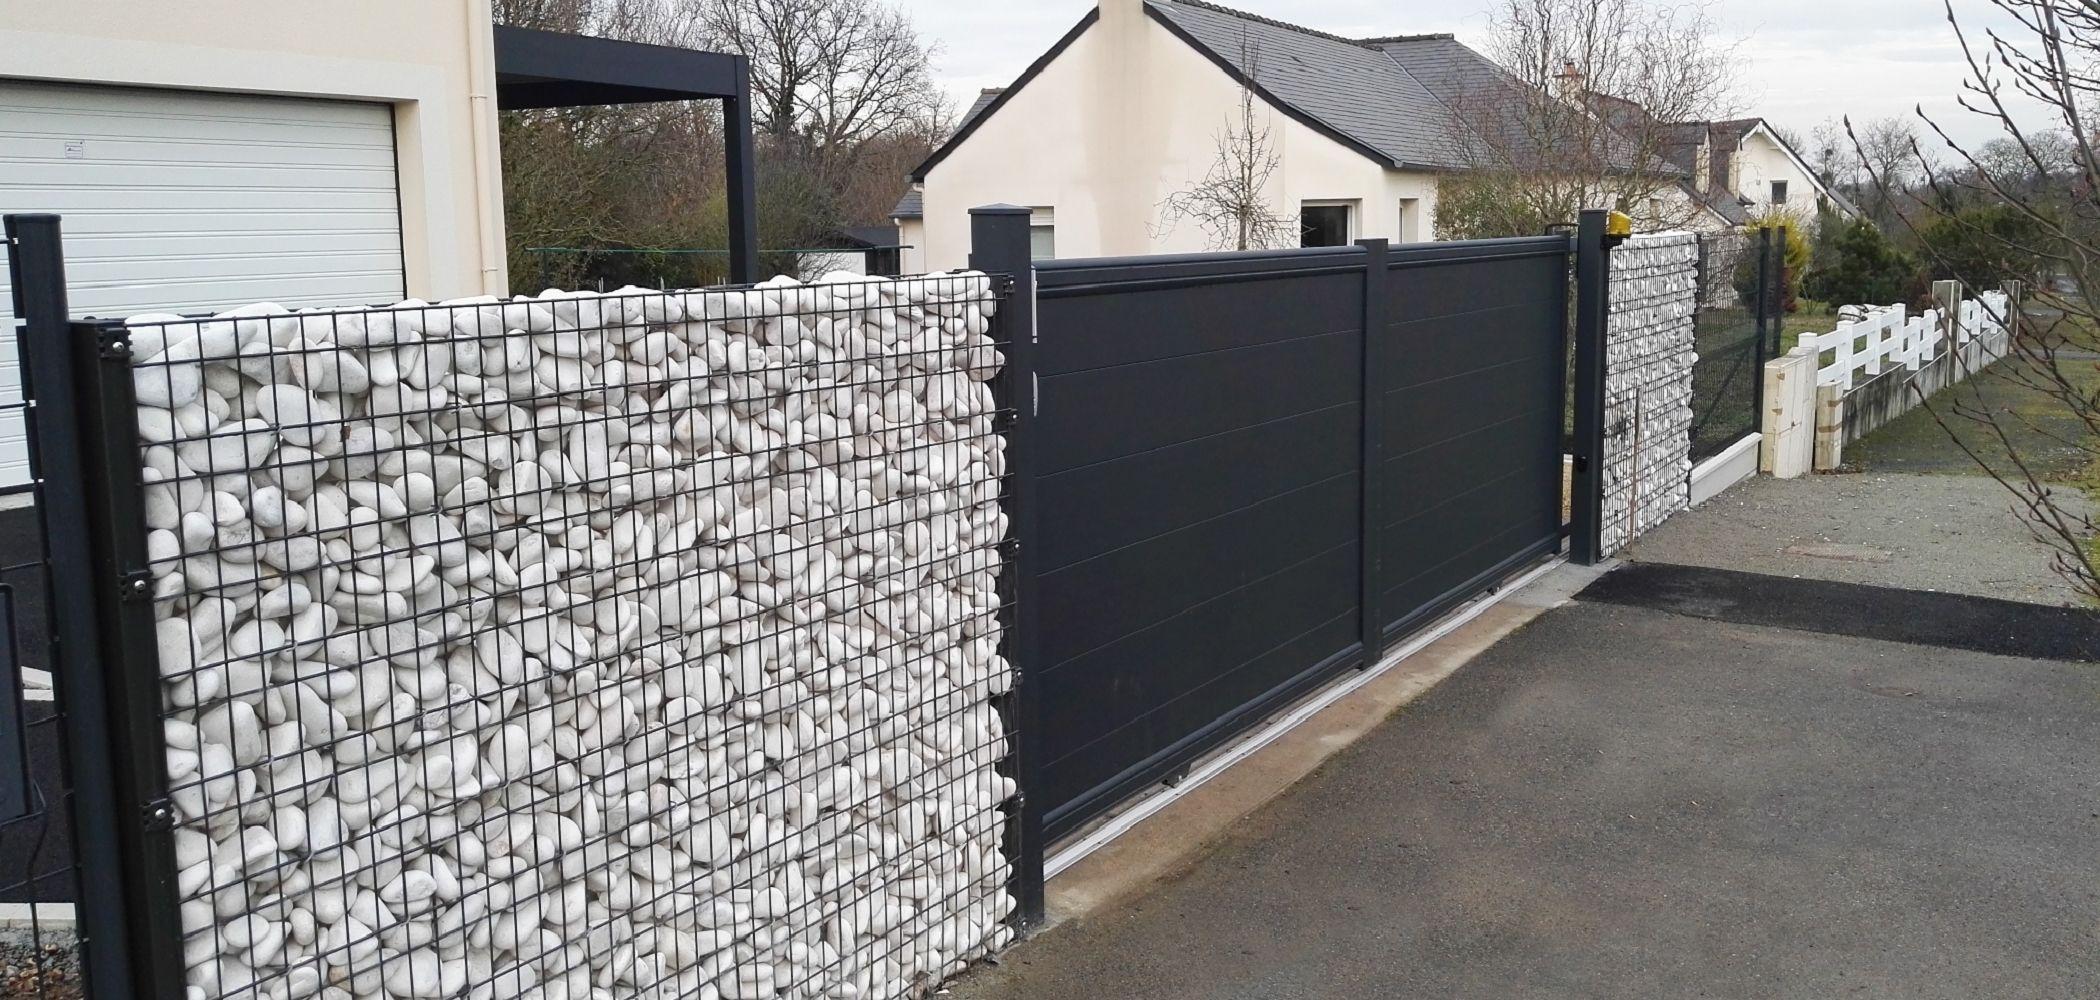 Portail + Clôture Grillage Rigide + Gabion | Grillage Rigide ... intérieur Grillage De Jardin Rigide